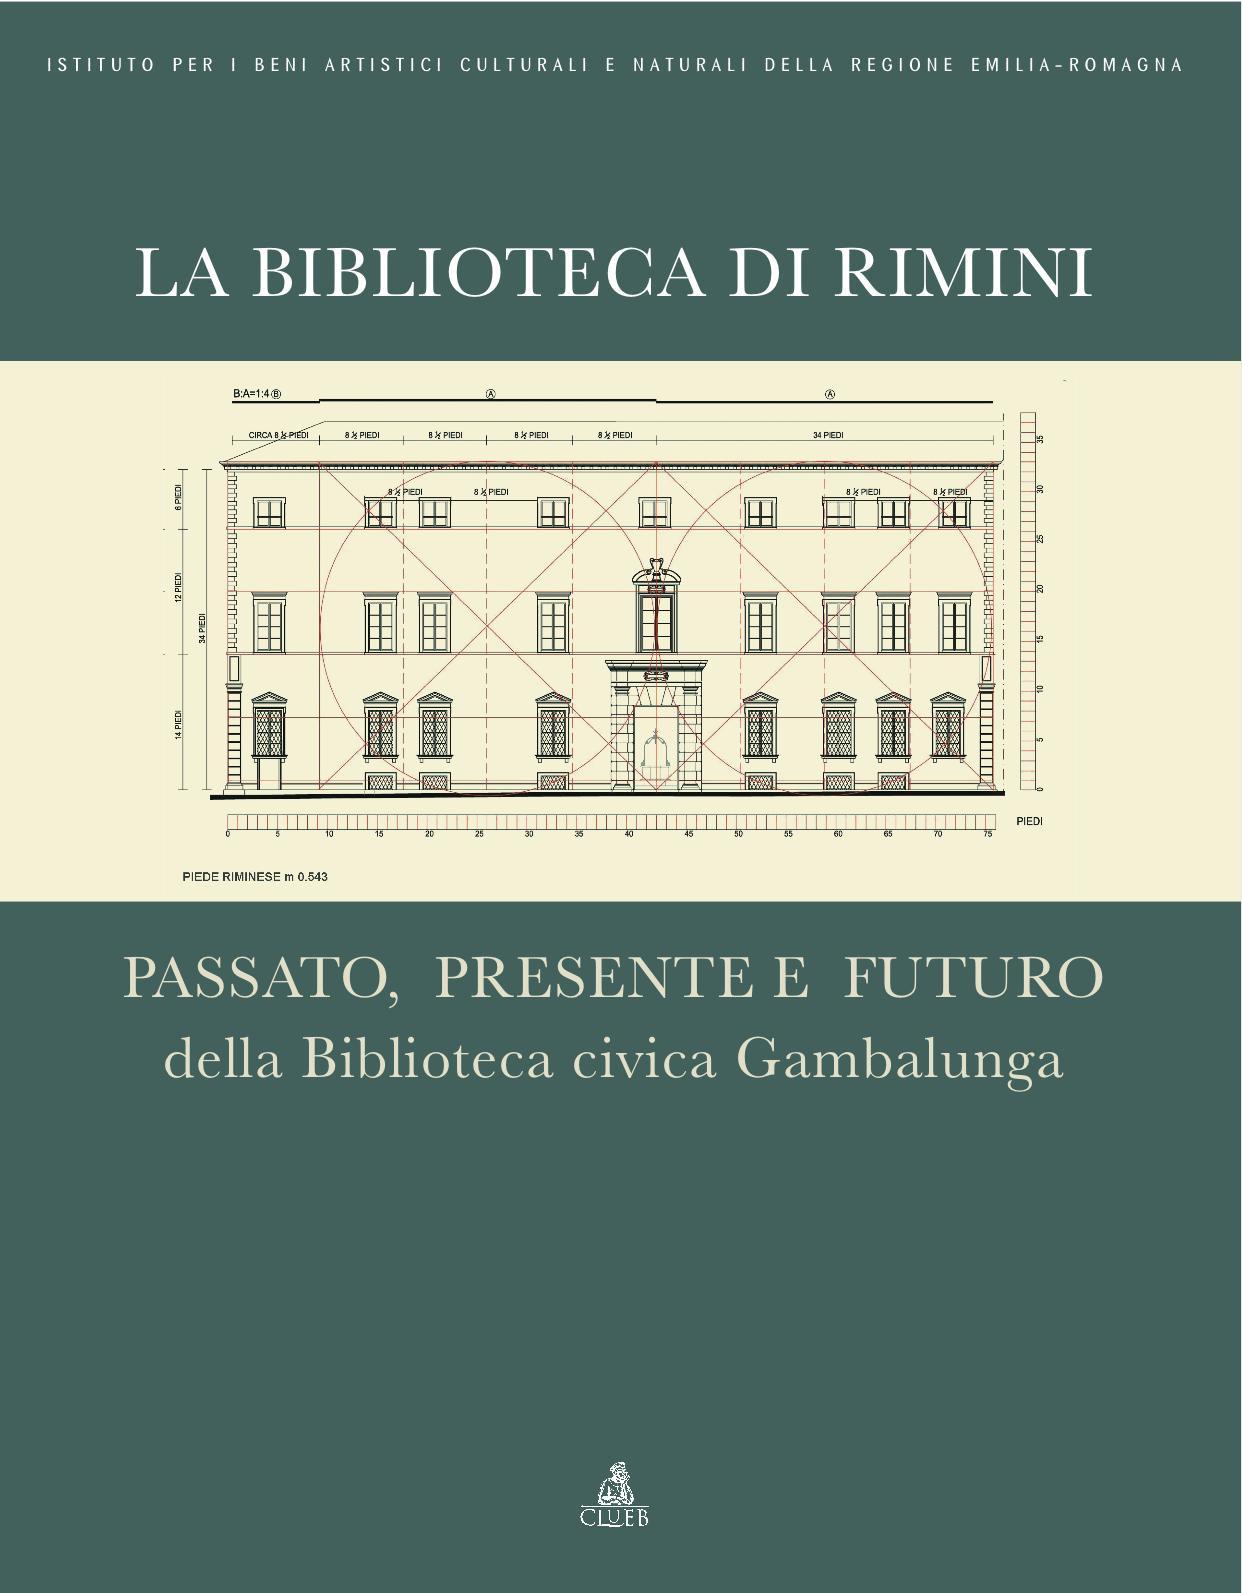 La Biblioteca di Rimini. Passato, presente e futuro della Biblioteca civica Gambalunga